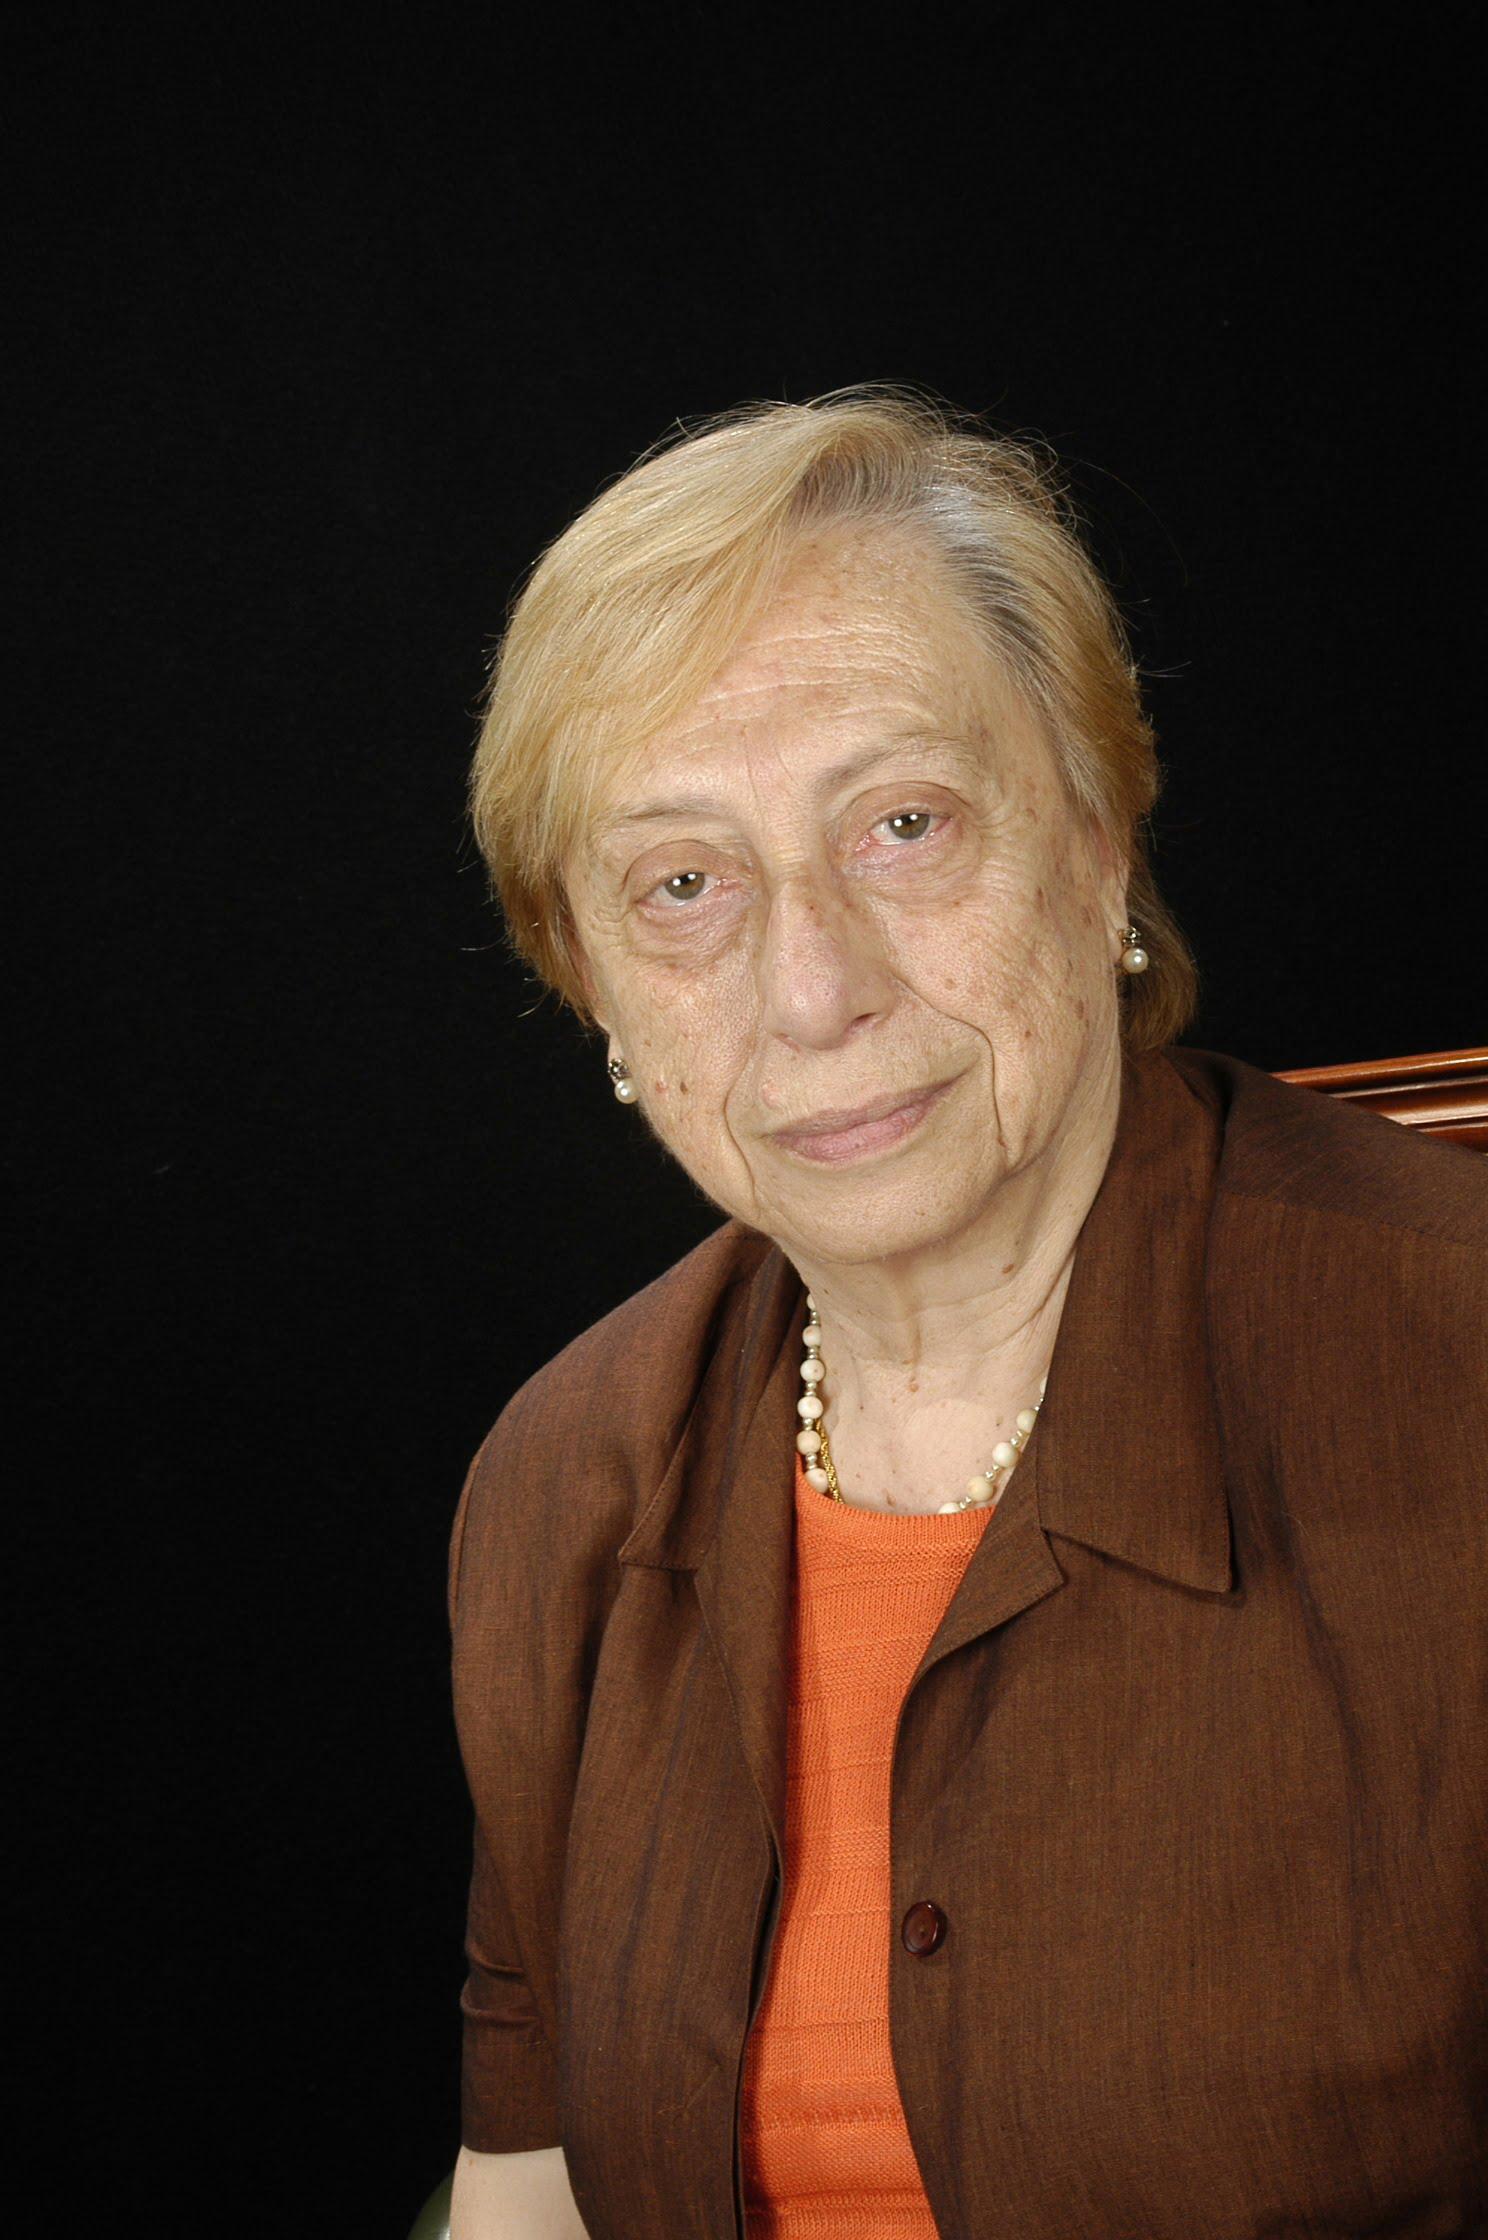 Dra. Maria del Tura de Bolòs Capdevila